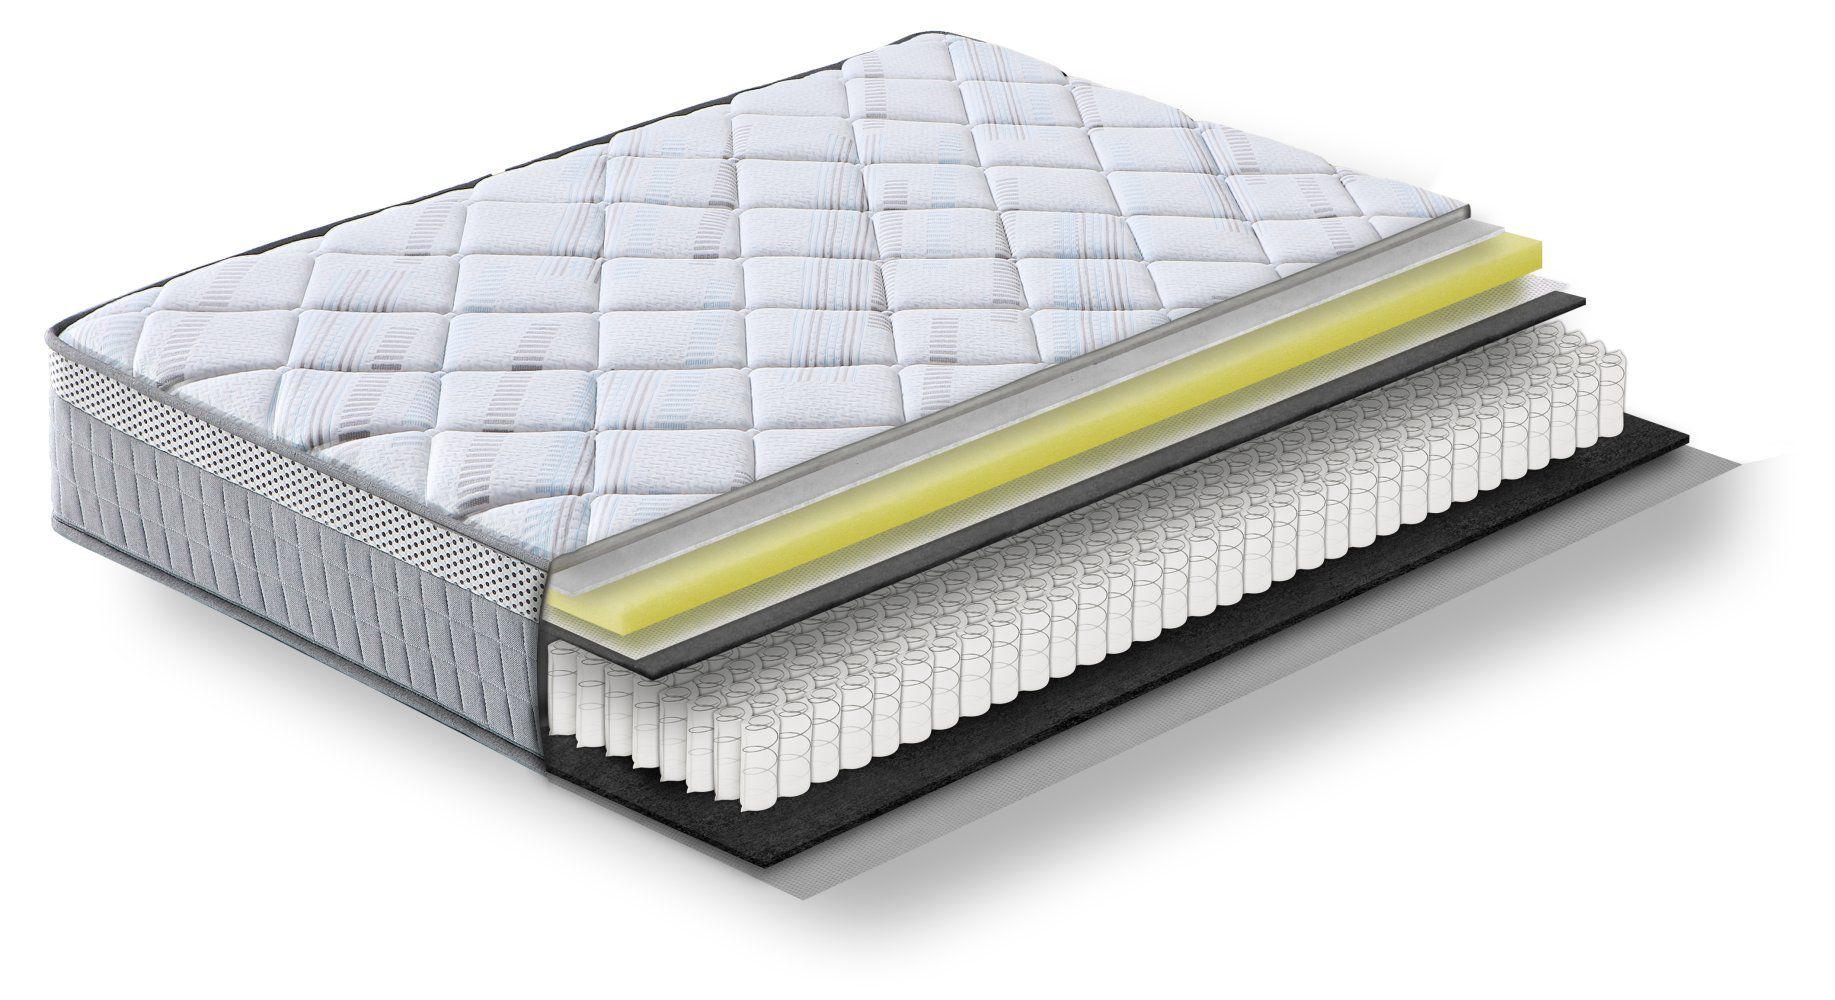 Steiner Premium Matratze Wonder mit Taschenfederkern - Größe: 90 x 190 cm, Härtegrad H3, Höhe: 25 cm